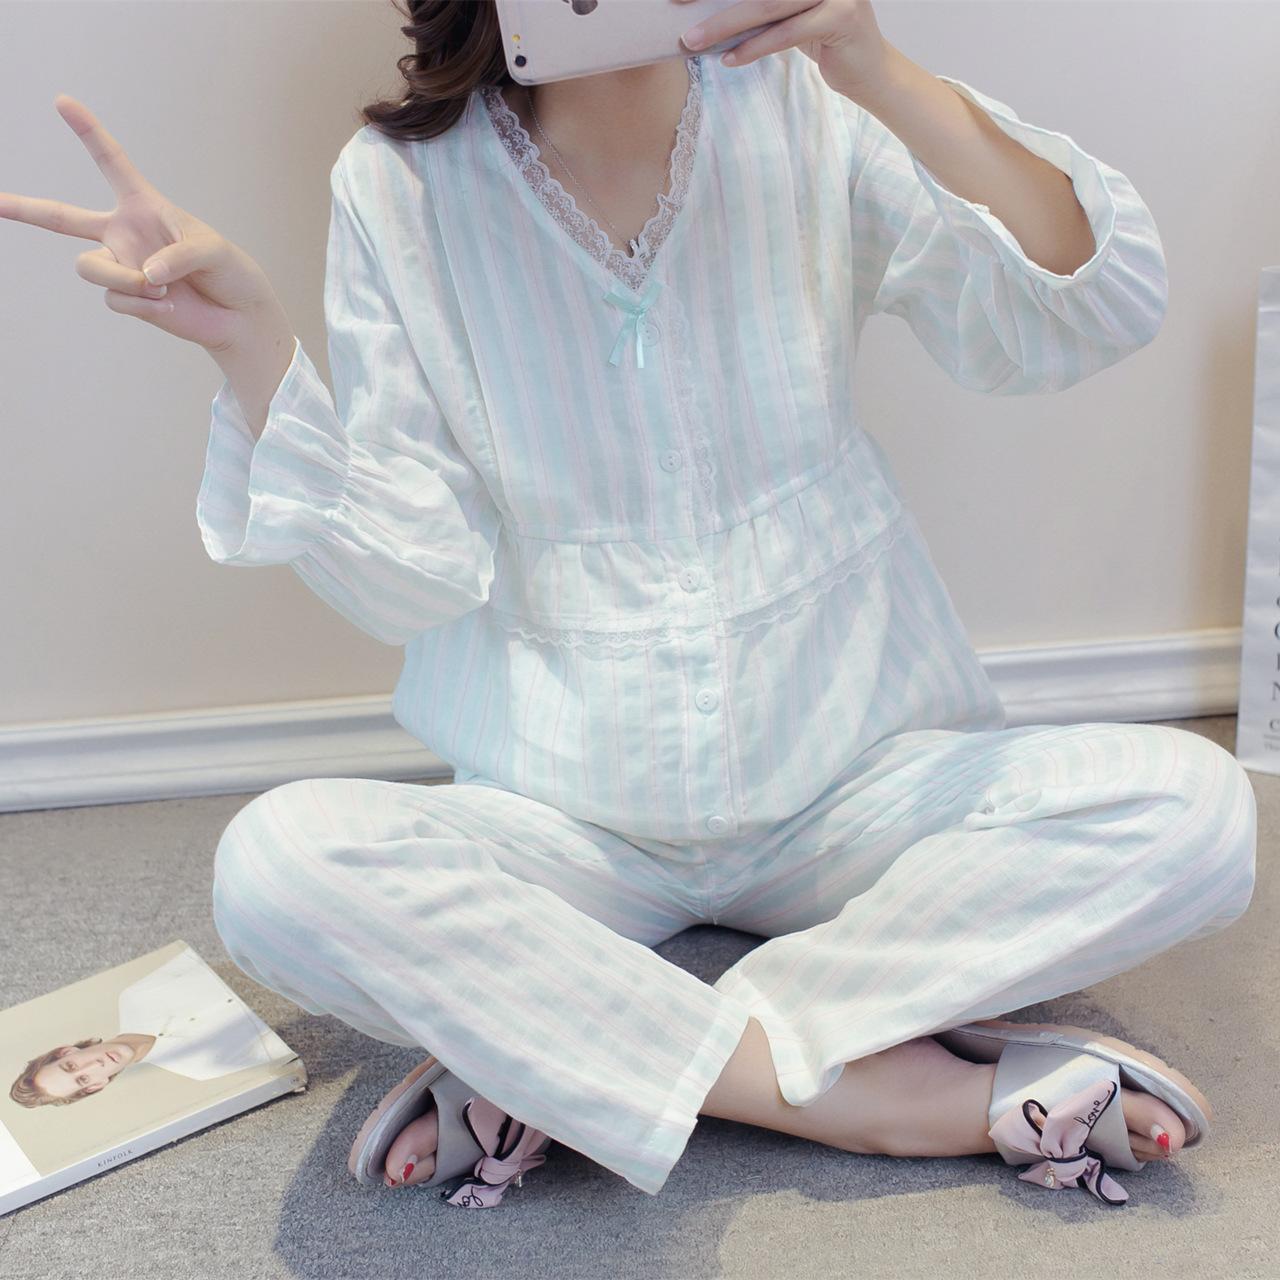 薄款纯棉纱双层纱布月子服夏季产后产妇孕妇